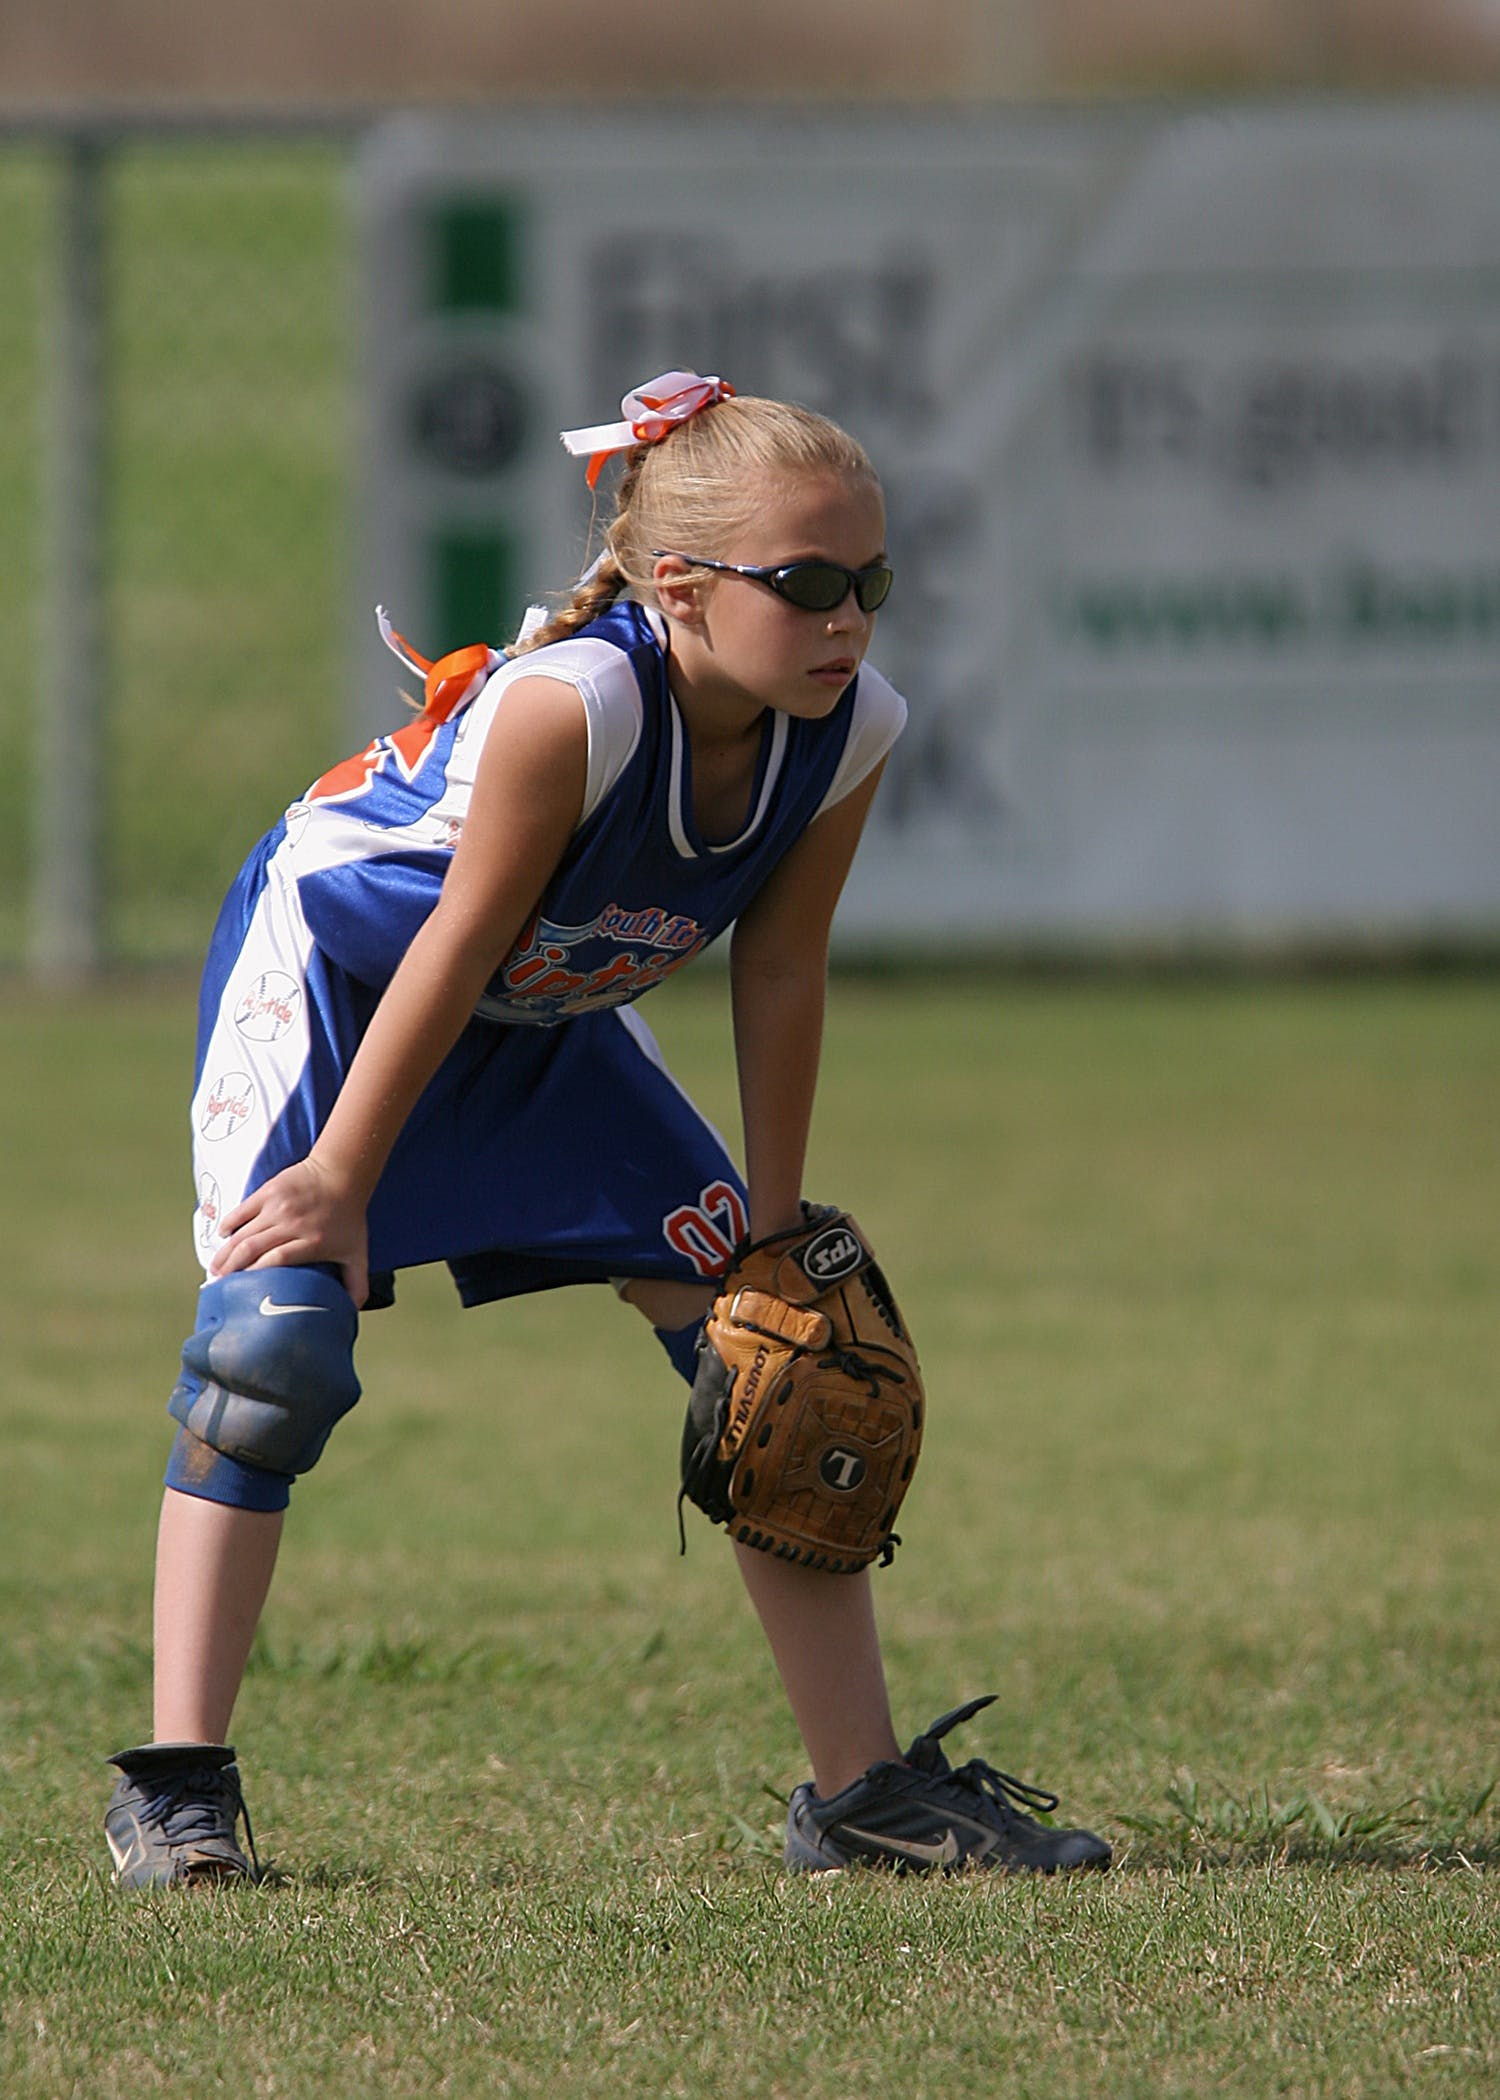 Girl Holding Brown Leather Baseball Mitt